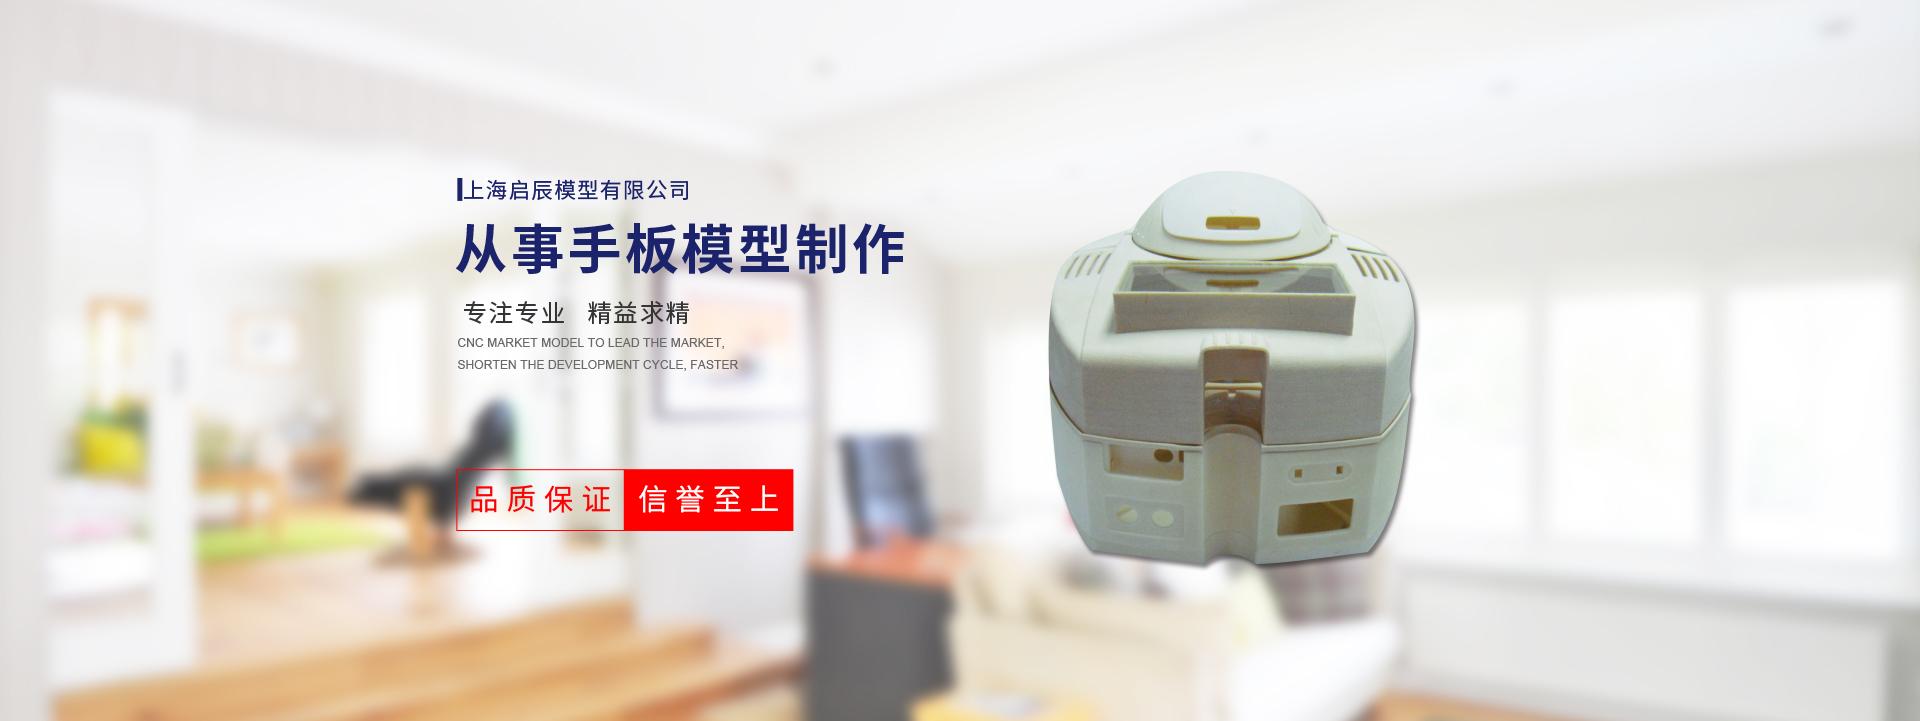 上海启辰模型有限公司